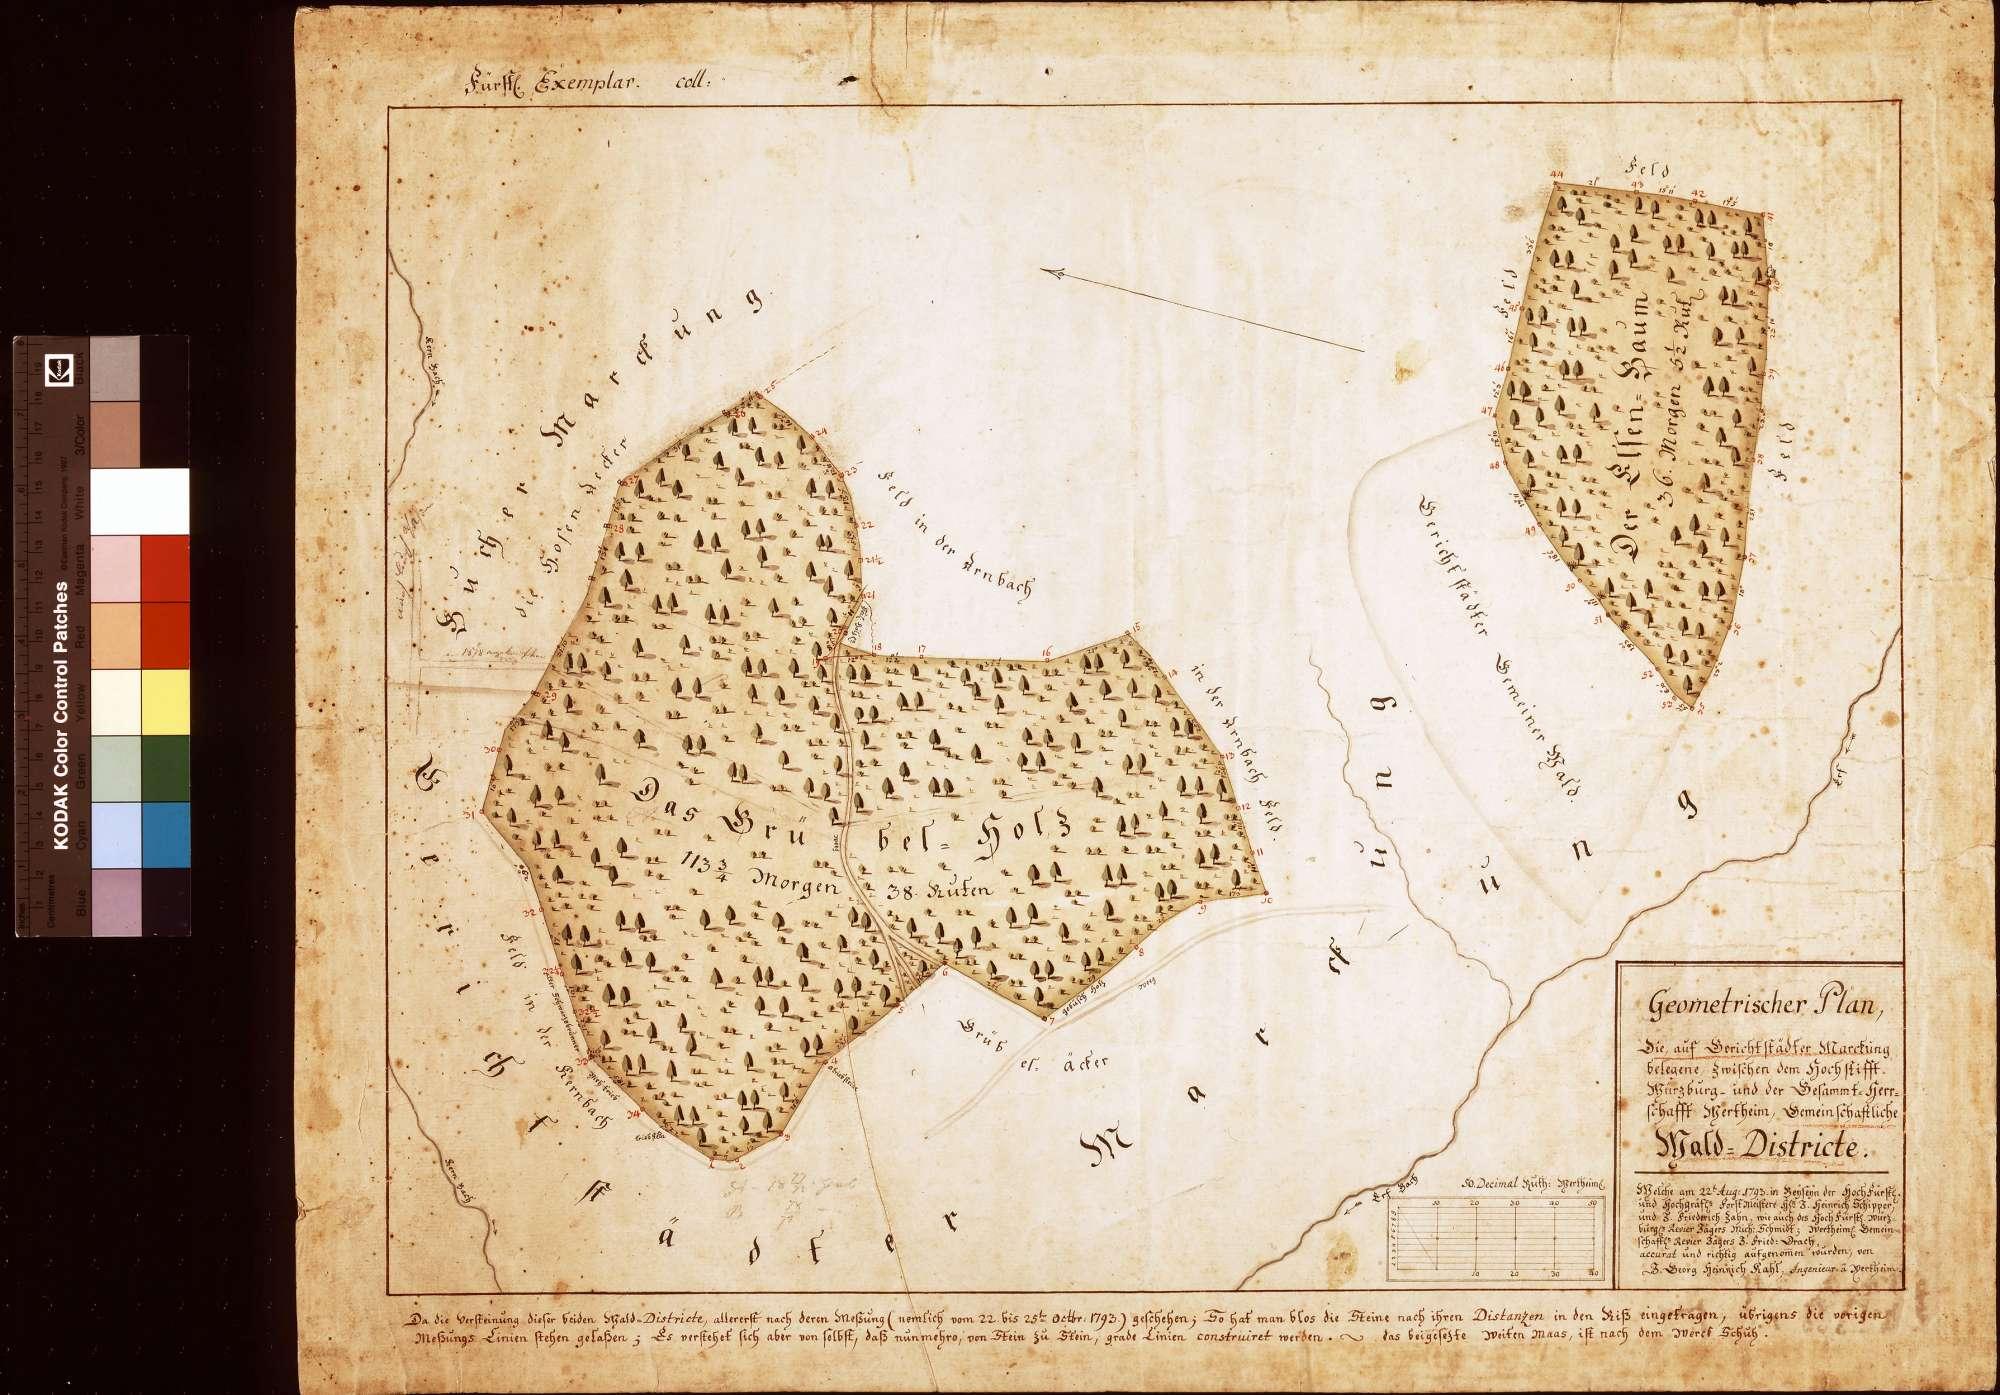 Zwischen dem Hochstift Würzburg und der Gesamtherrschaft Wertheim gemeinschaftliche Walddistrikte auf Gerichtstetter Markung gelegenen (Inselkarte), Bild 1